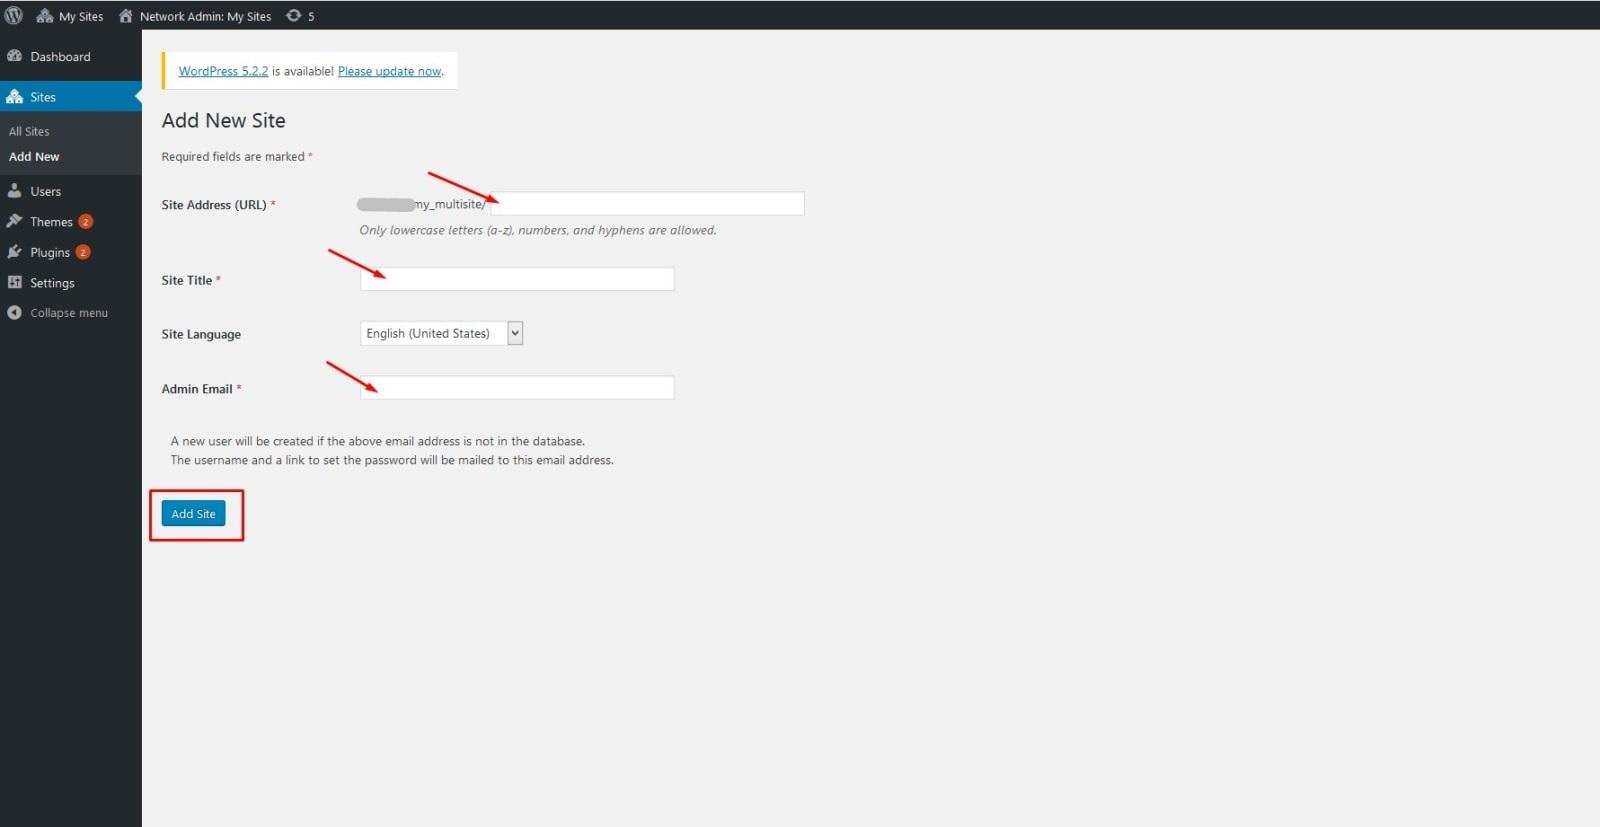 صفحه افزودن سایت جدید در شبکه وردپرس و تکمیل فیلدهای مربوط